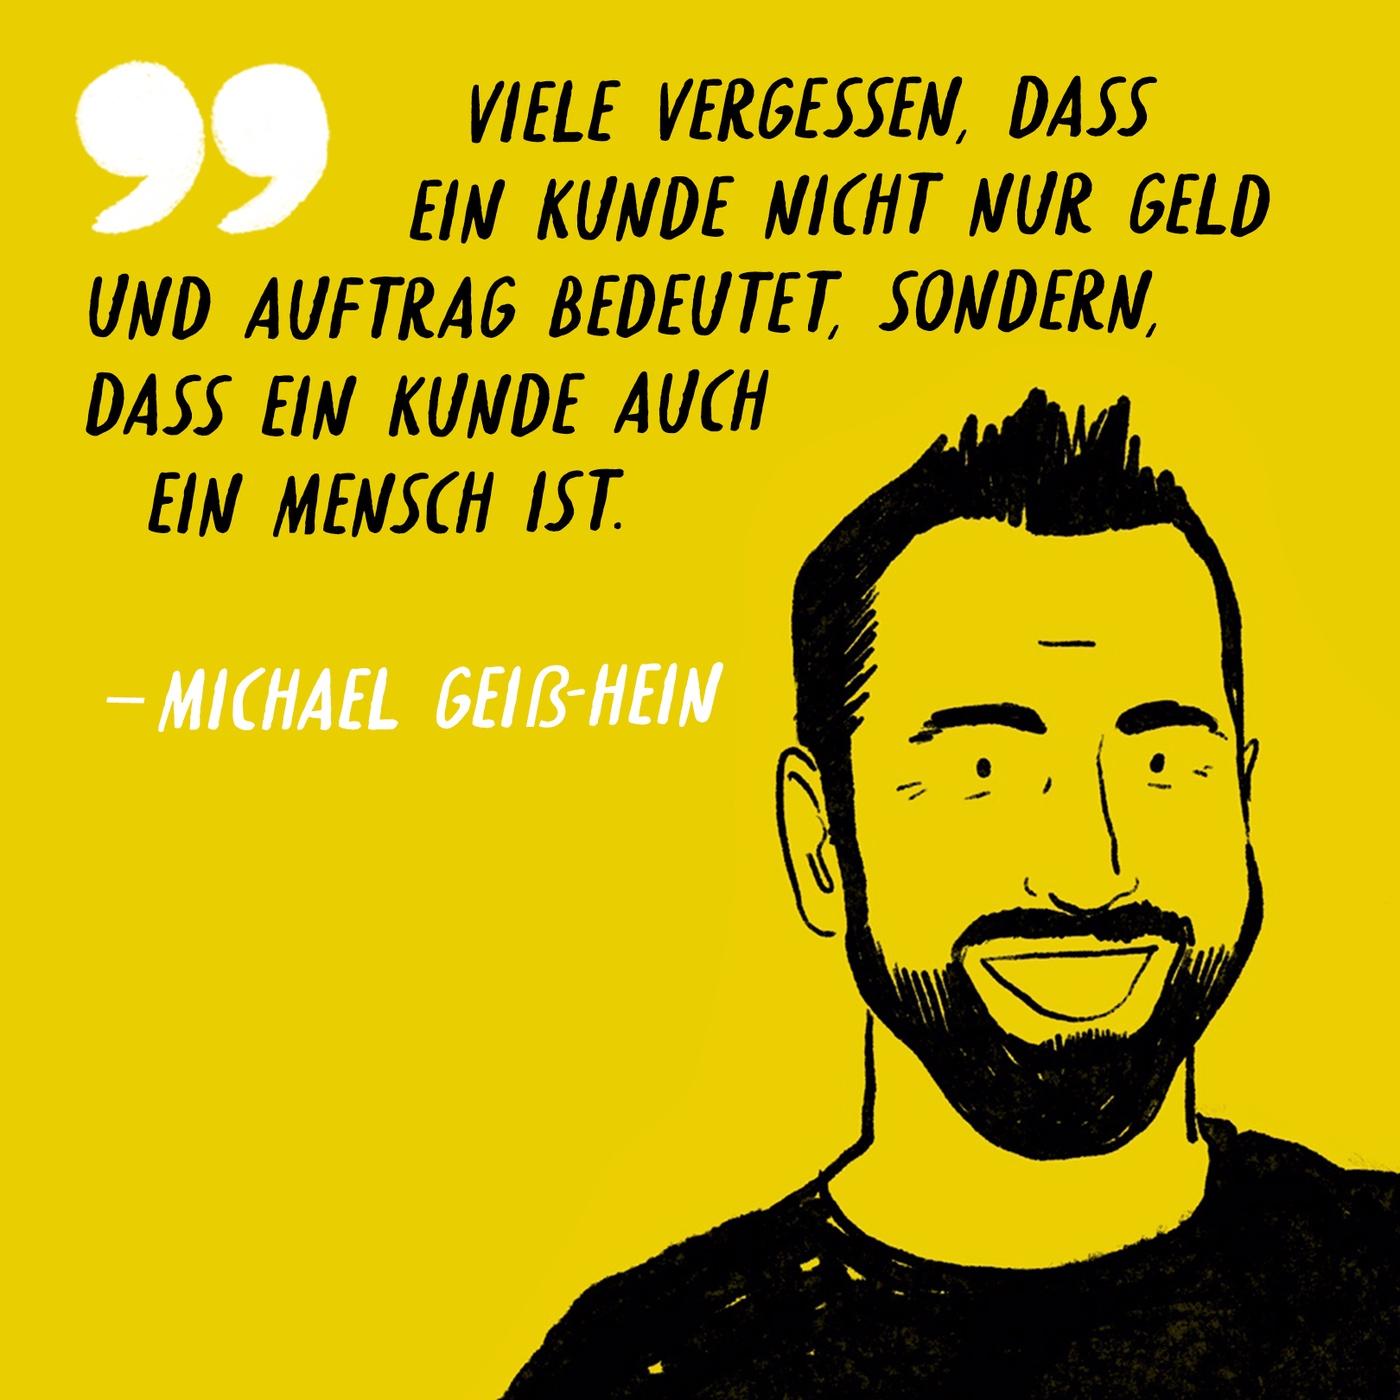 Bonus zu Folge 24: Mini-Interview mit Michael Geiß-Hein AKA Mister Maikel